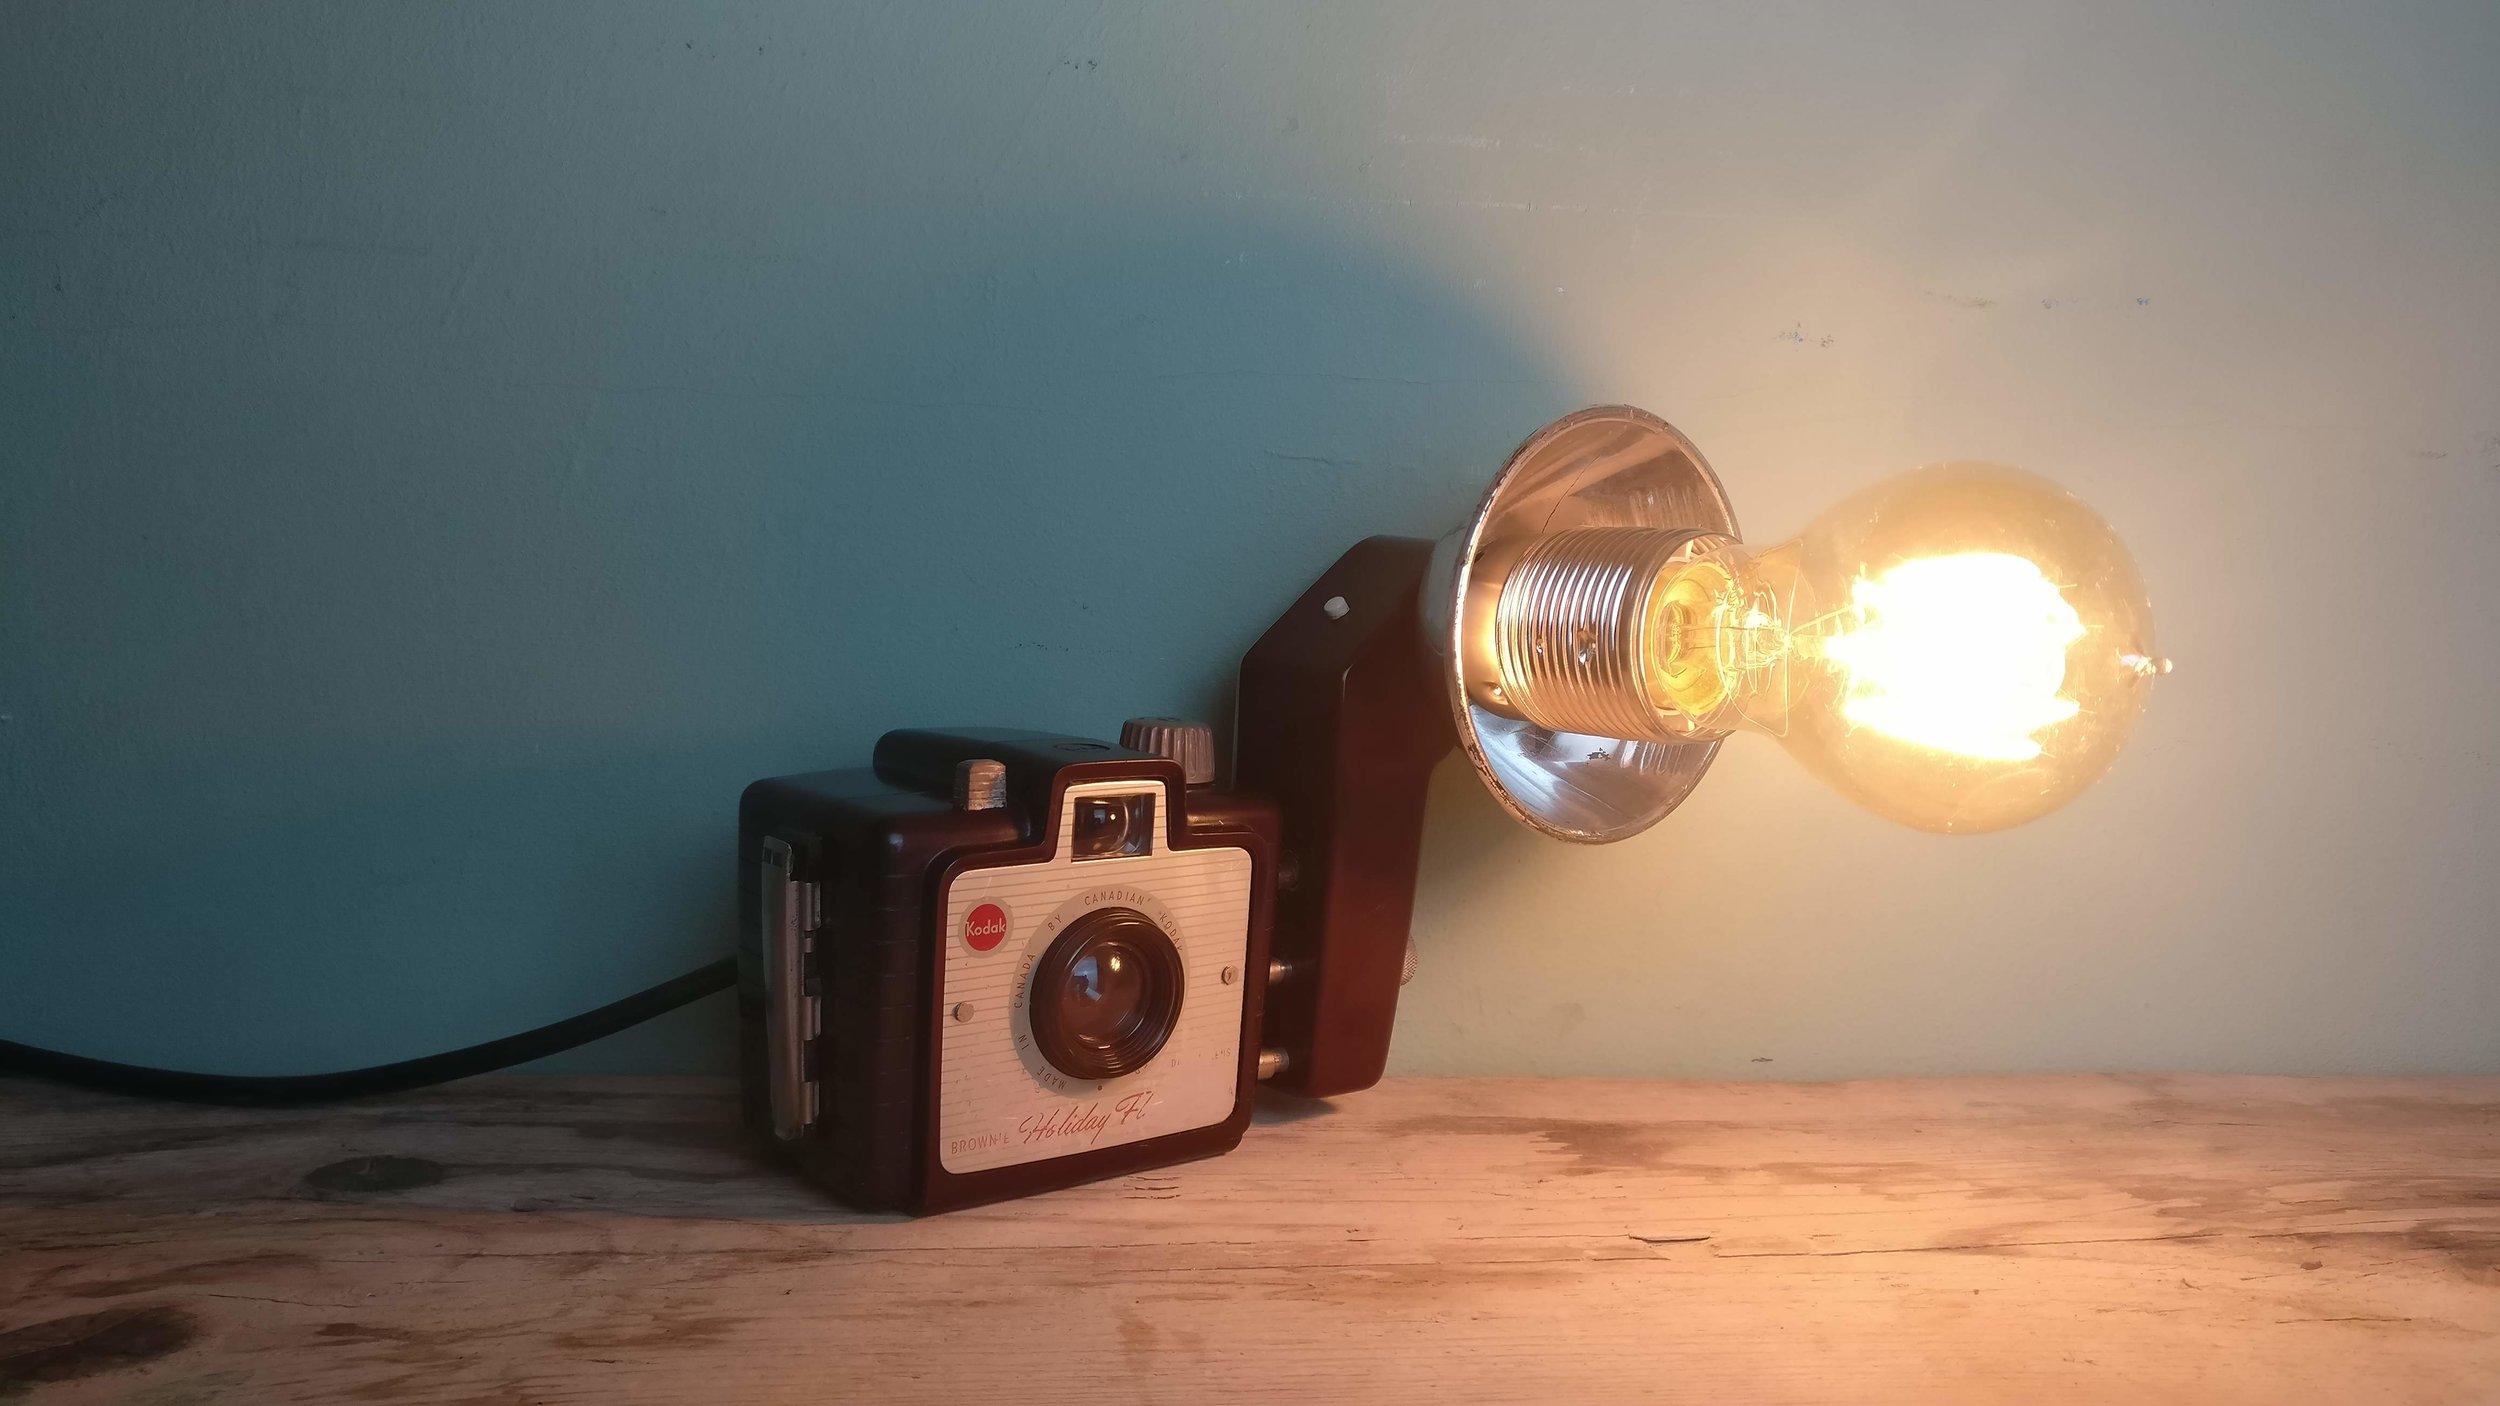 Kodak camera flash lamp